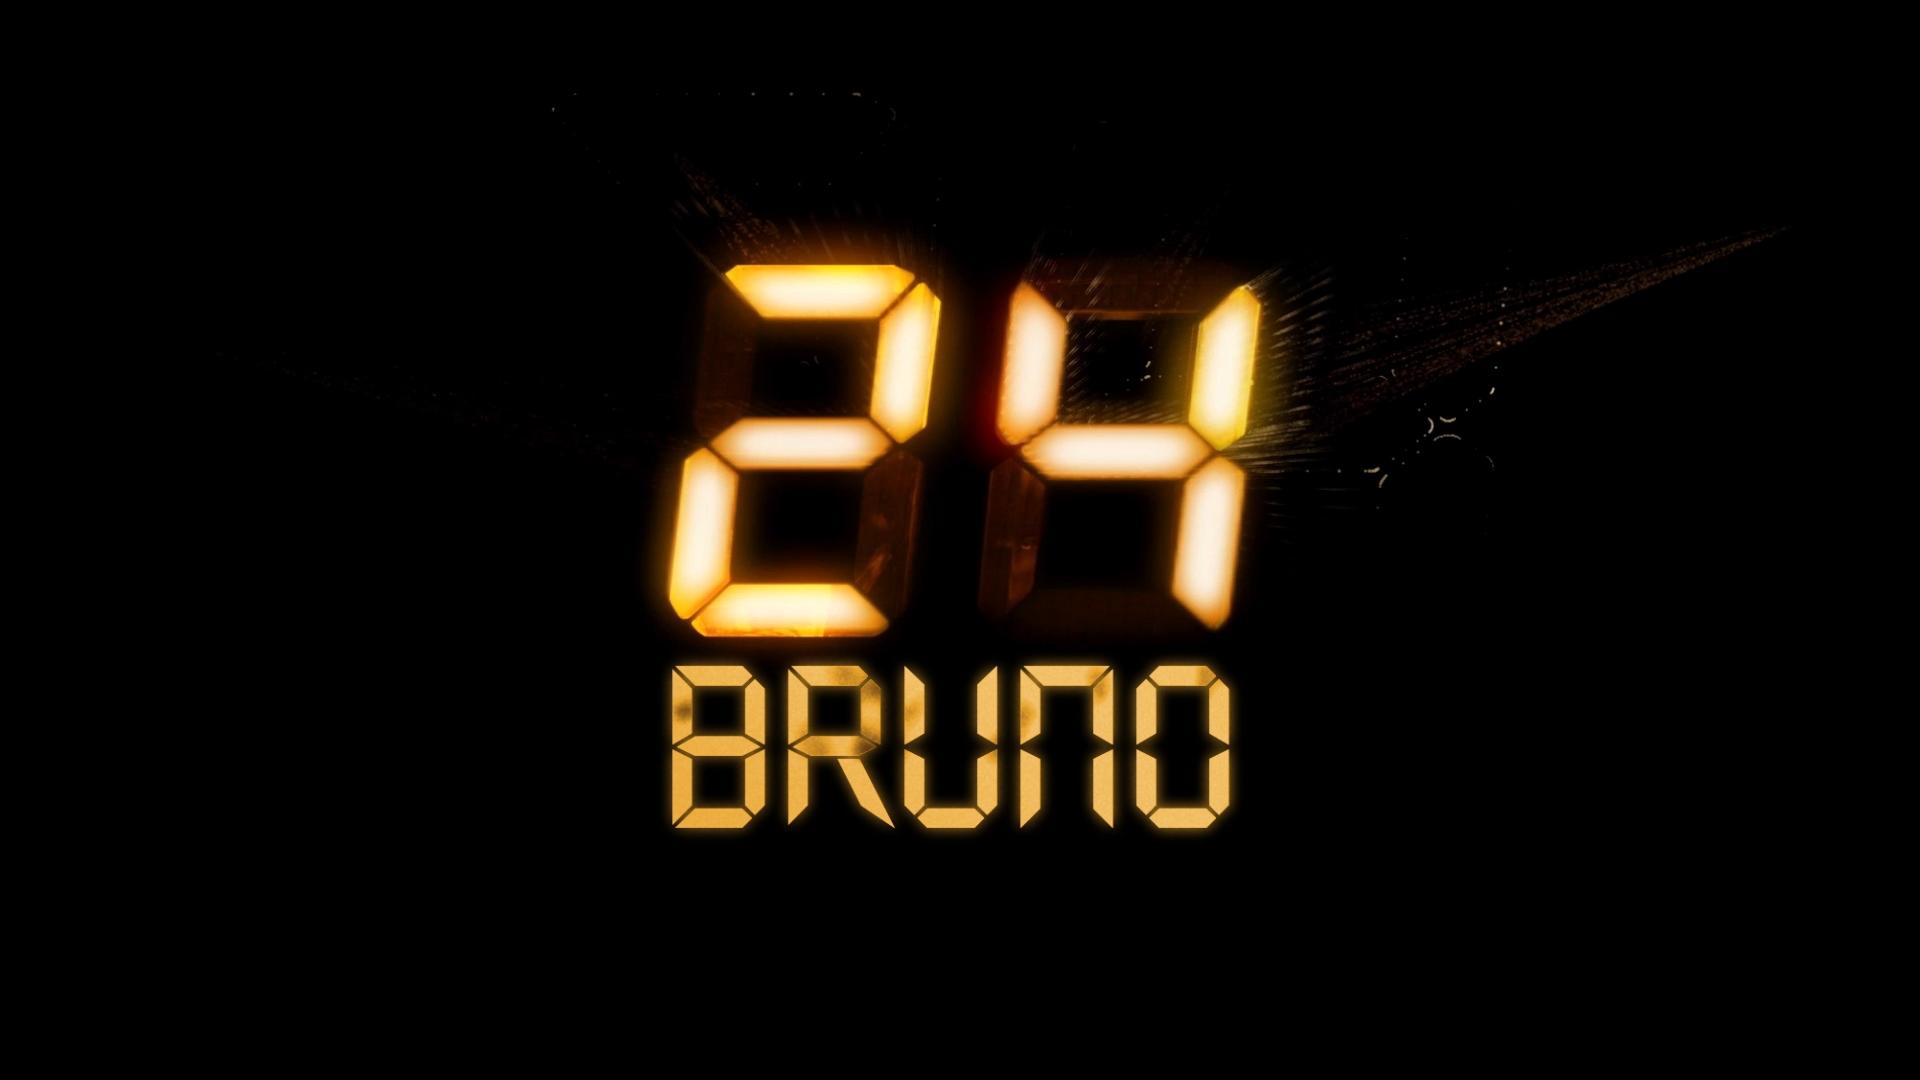 24hBruno